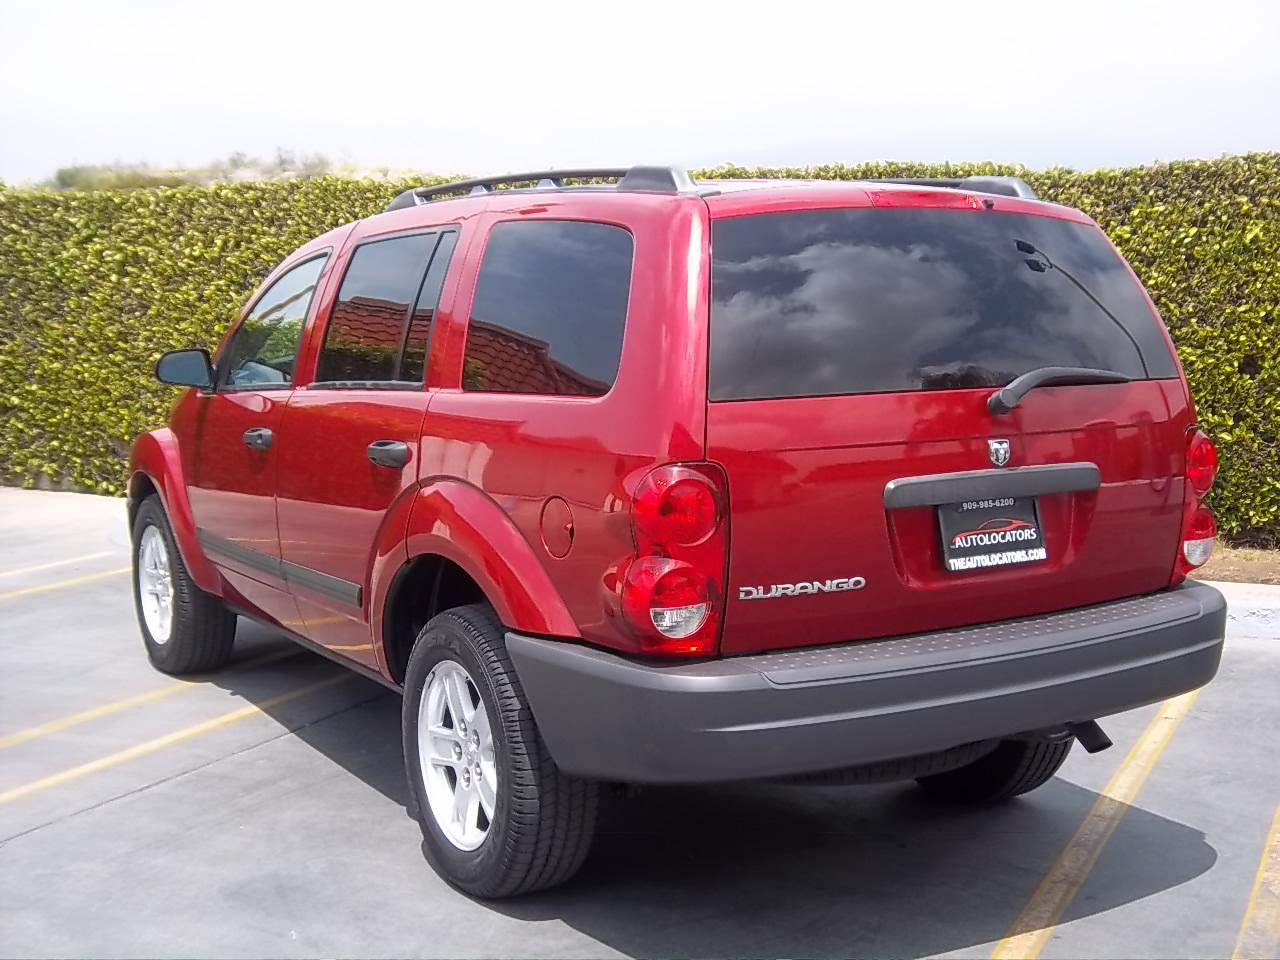 2006 Dodge Durango Interior